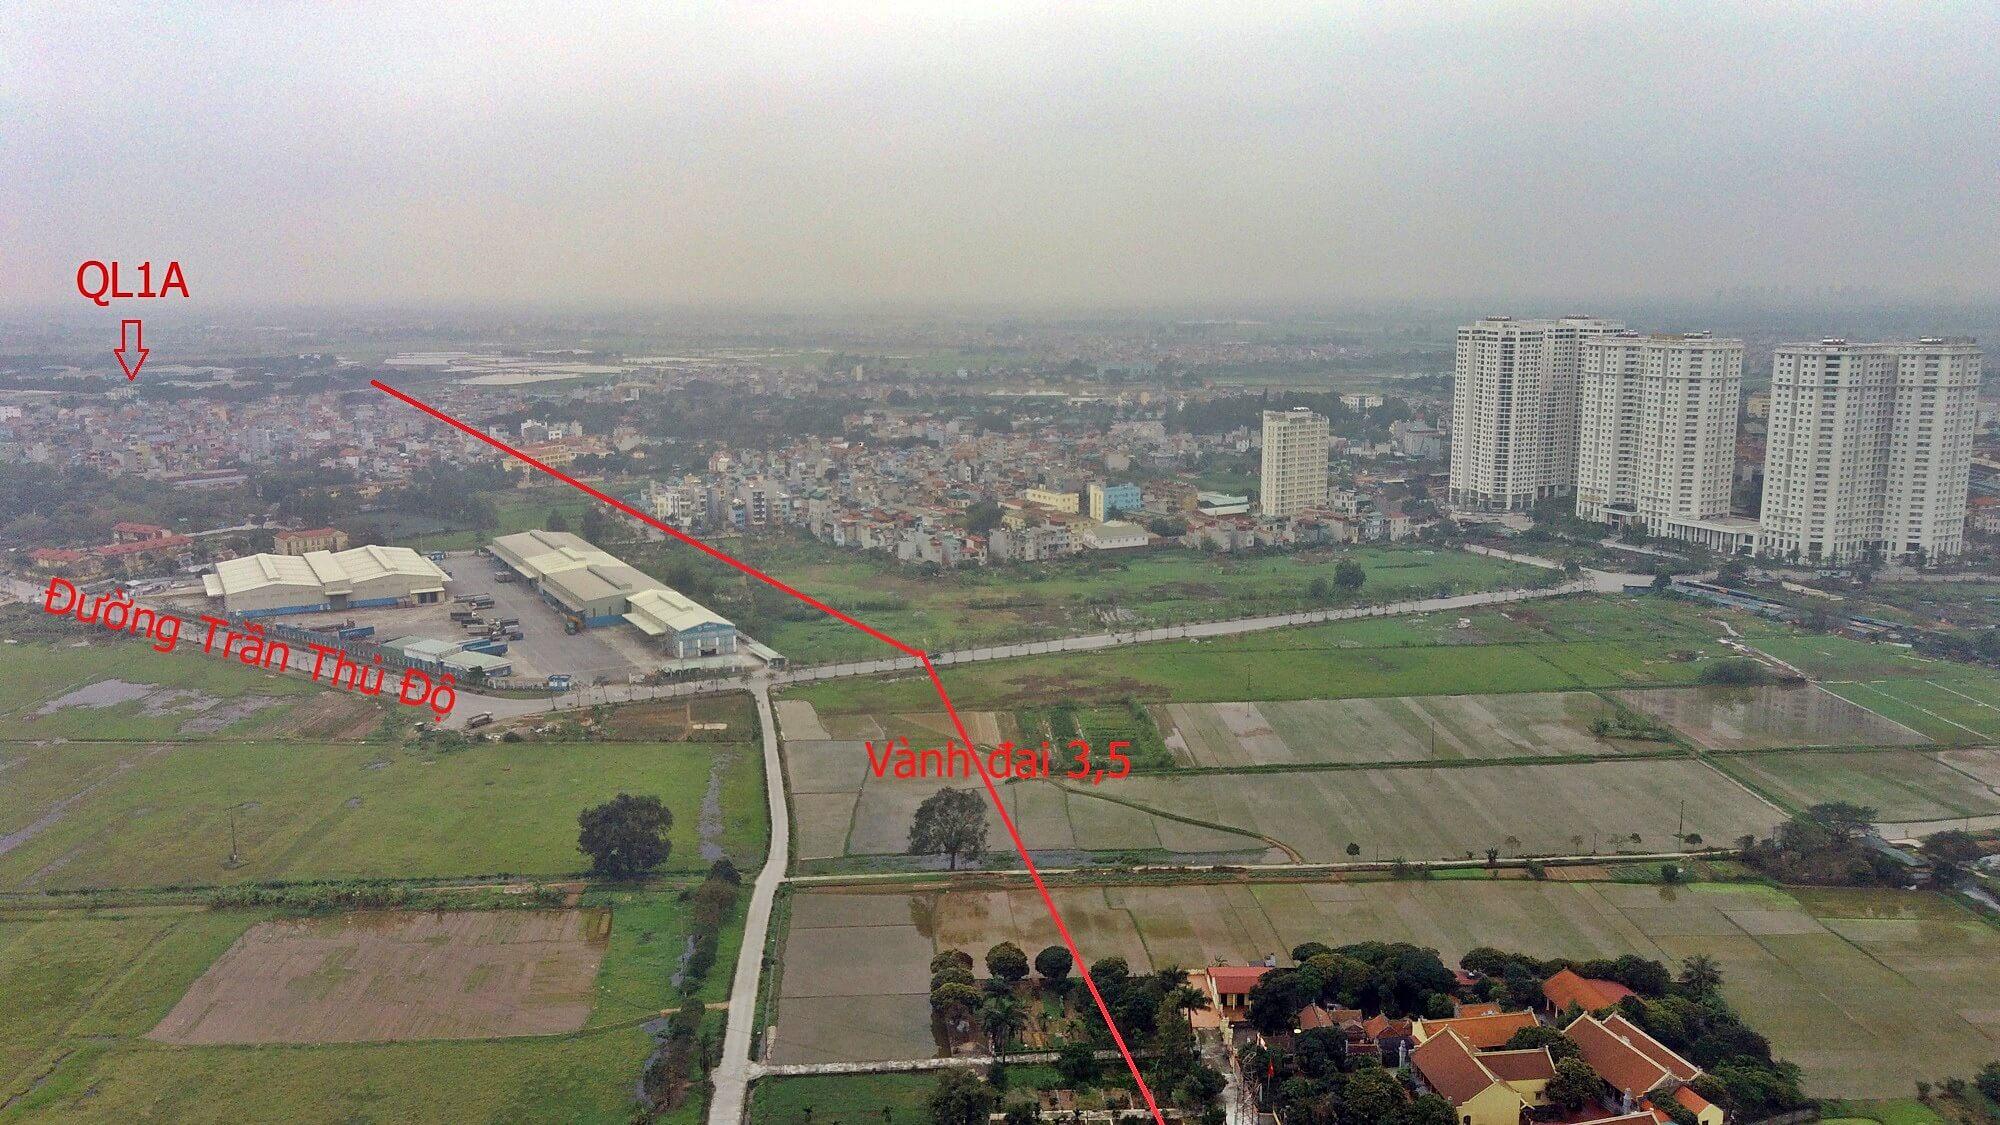 Đường đi chủ yếu nằm nằm trên đất ruộng nên chi phí GPMB làm đường vành đai 3,5 và đường dẫn cầu Ngọc Hồi cũng sẽ không quá lớn.